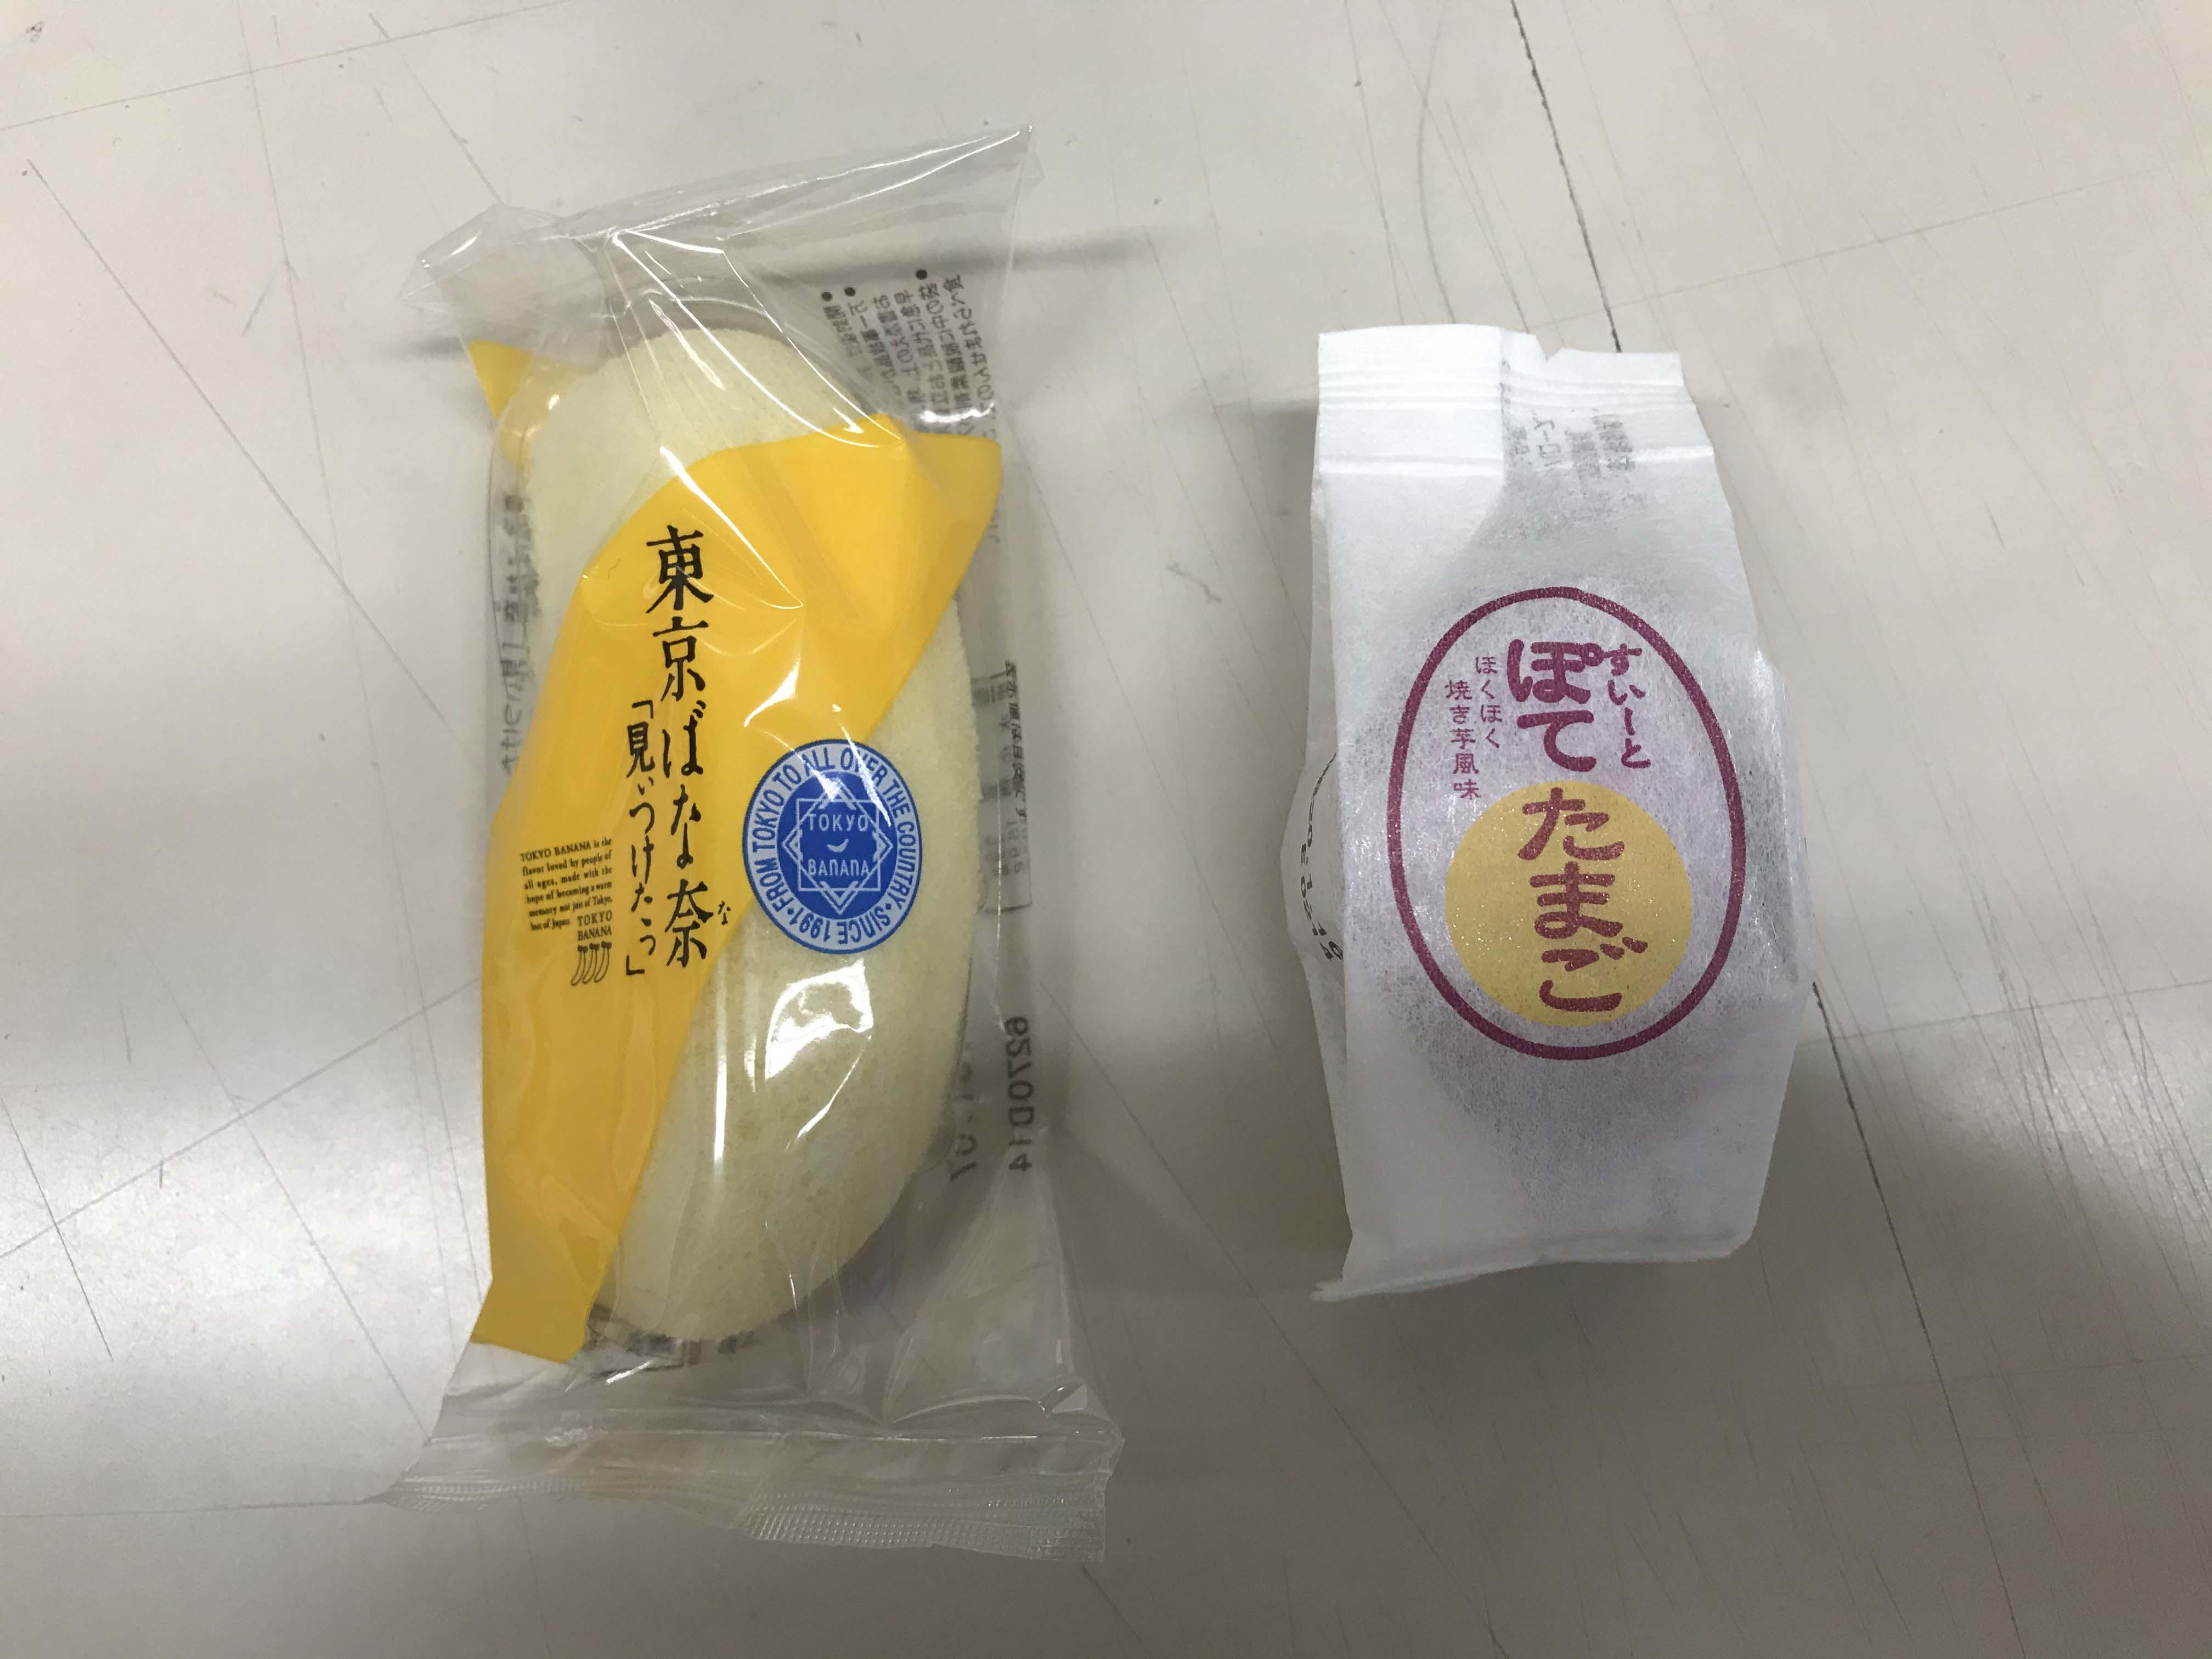 東京土産の「すぃーとぽてたまご」と「東京ばな奈」_a0026295_1436565.jpg